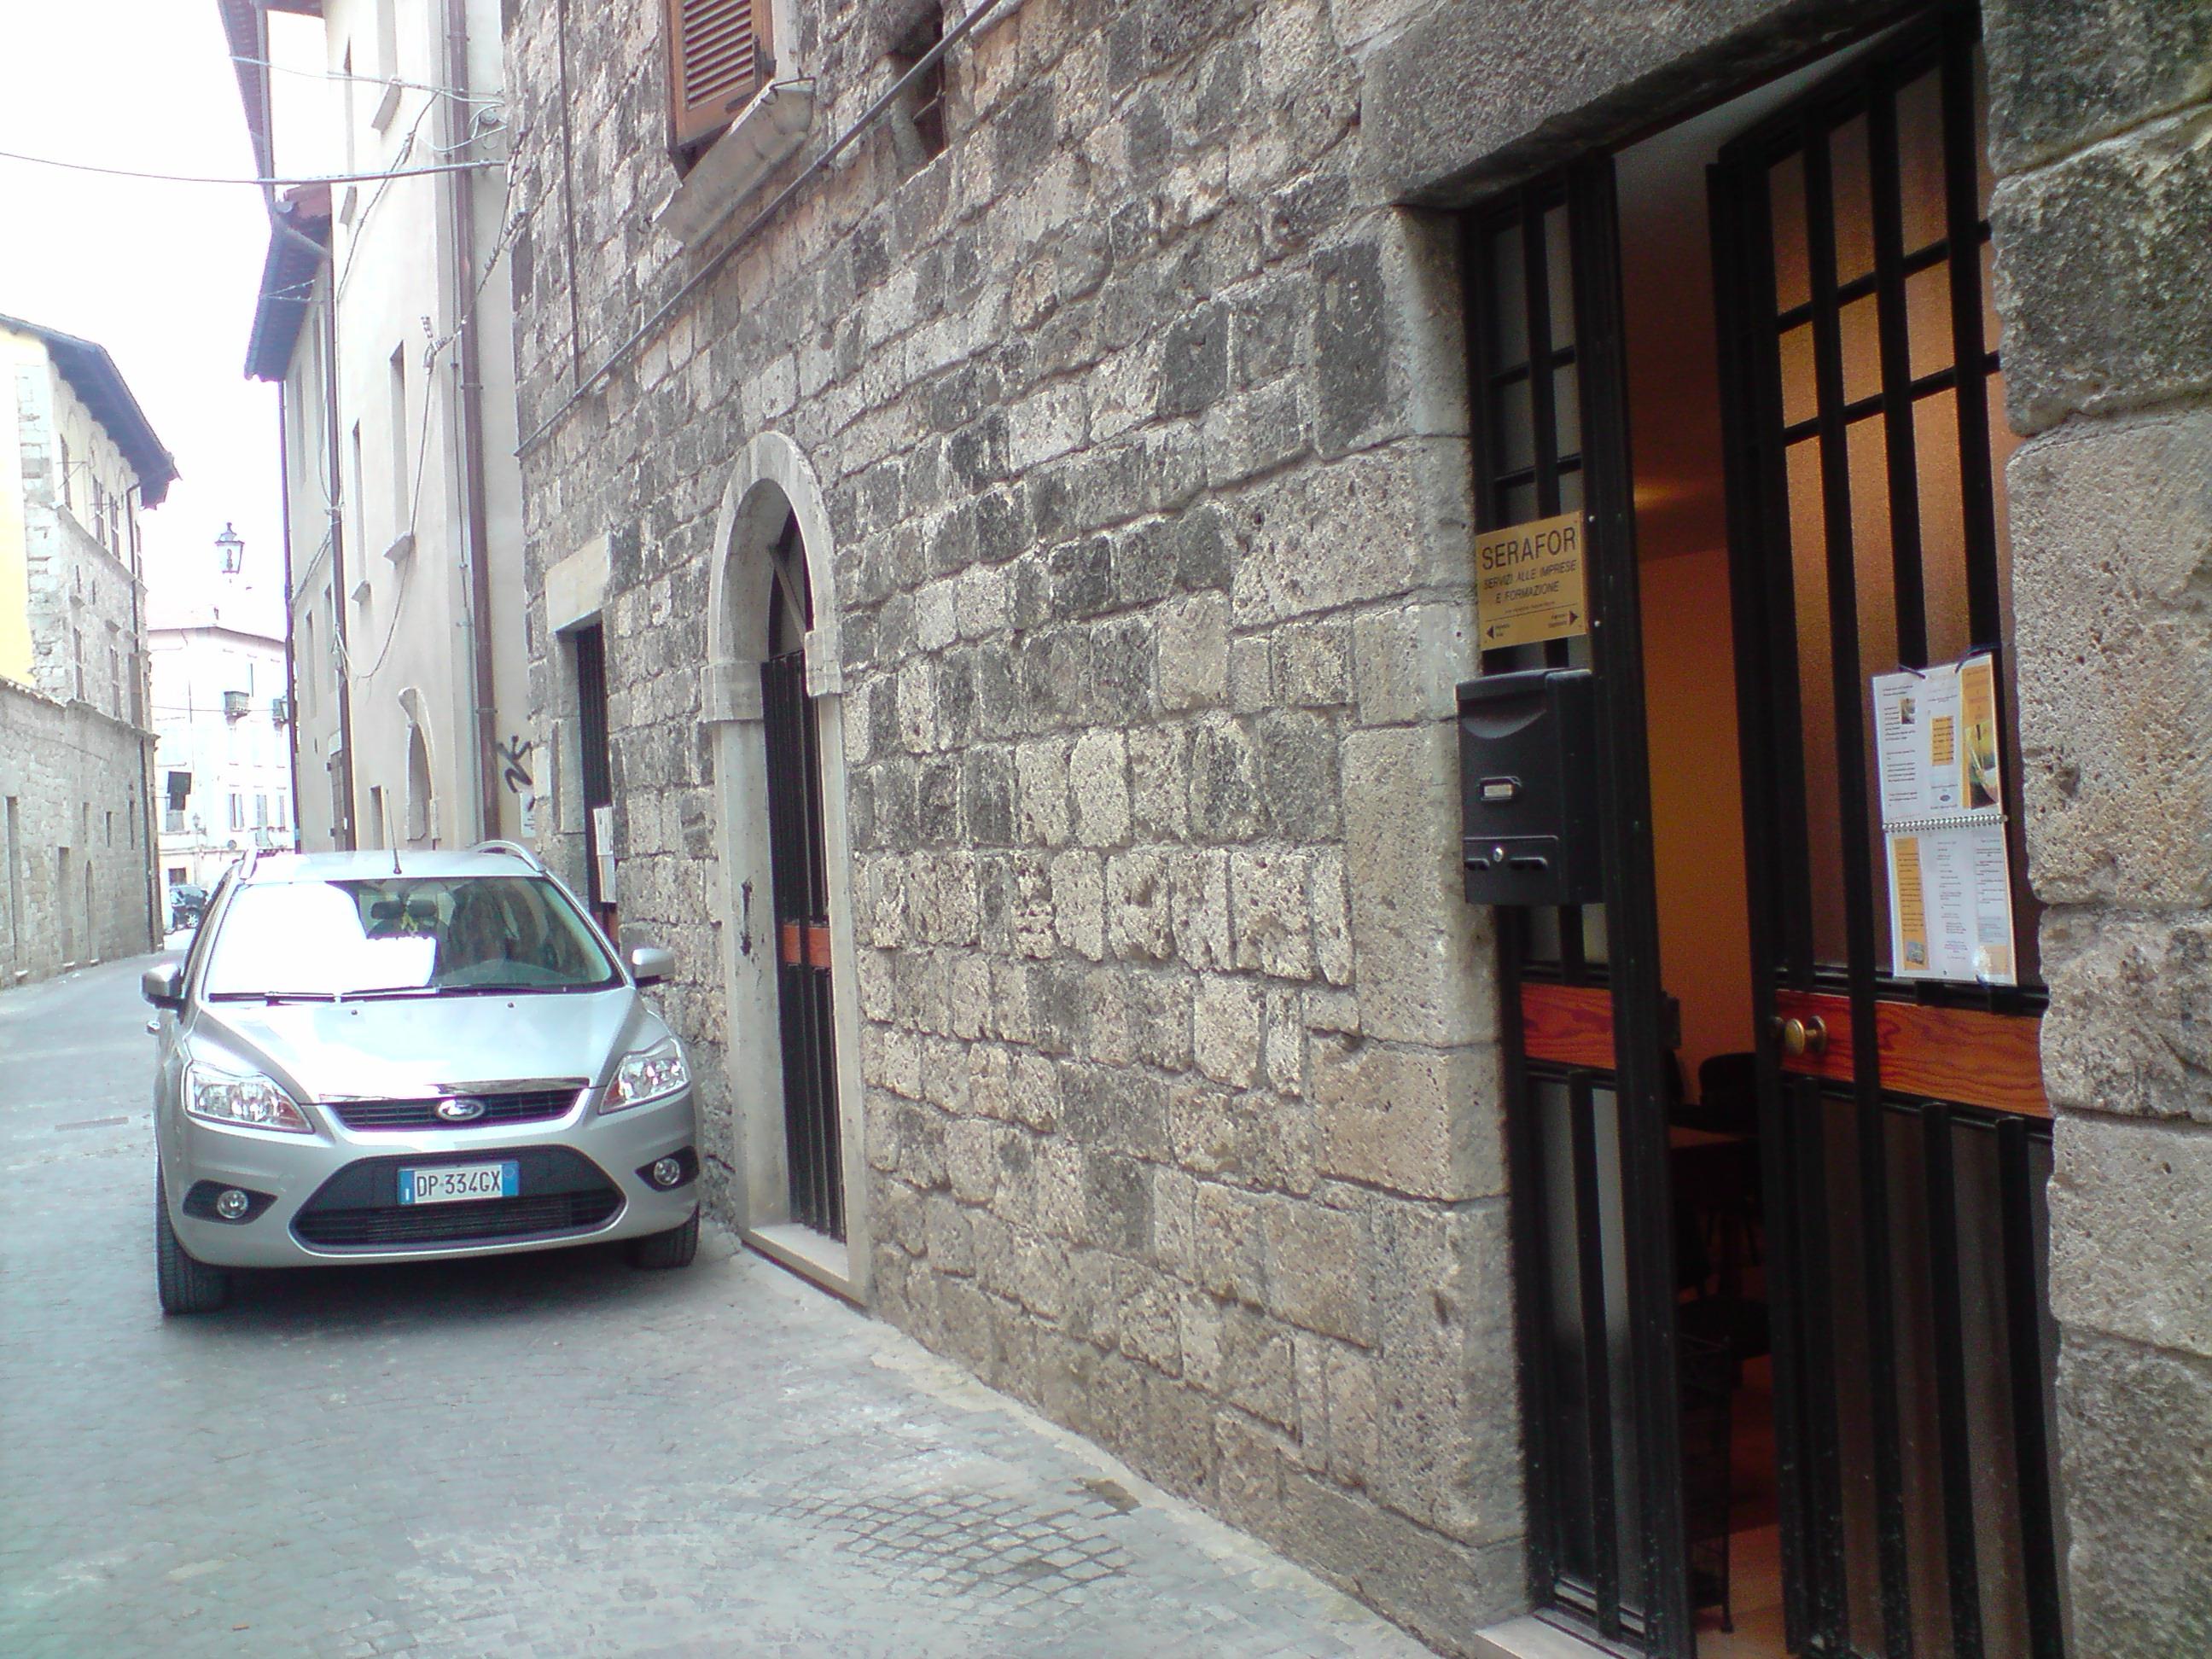 ascoli piceno lesbian personals Battistero di san giovanni, ascoli piceno: see 74 reviews, articles, and 46 photos of battistero di san giovanni, ranked no9 on tripadvisor among 71 attractions in ascoli piceno.